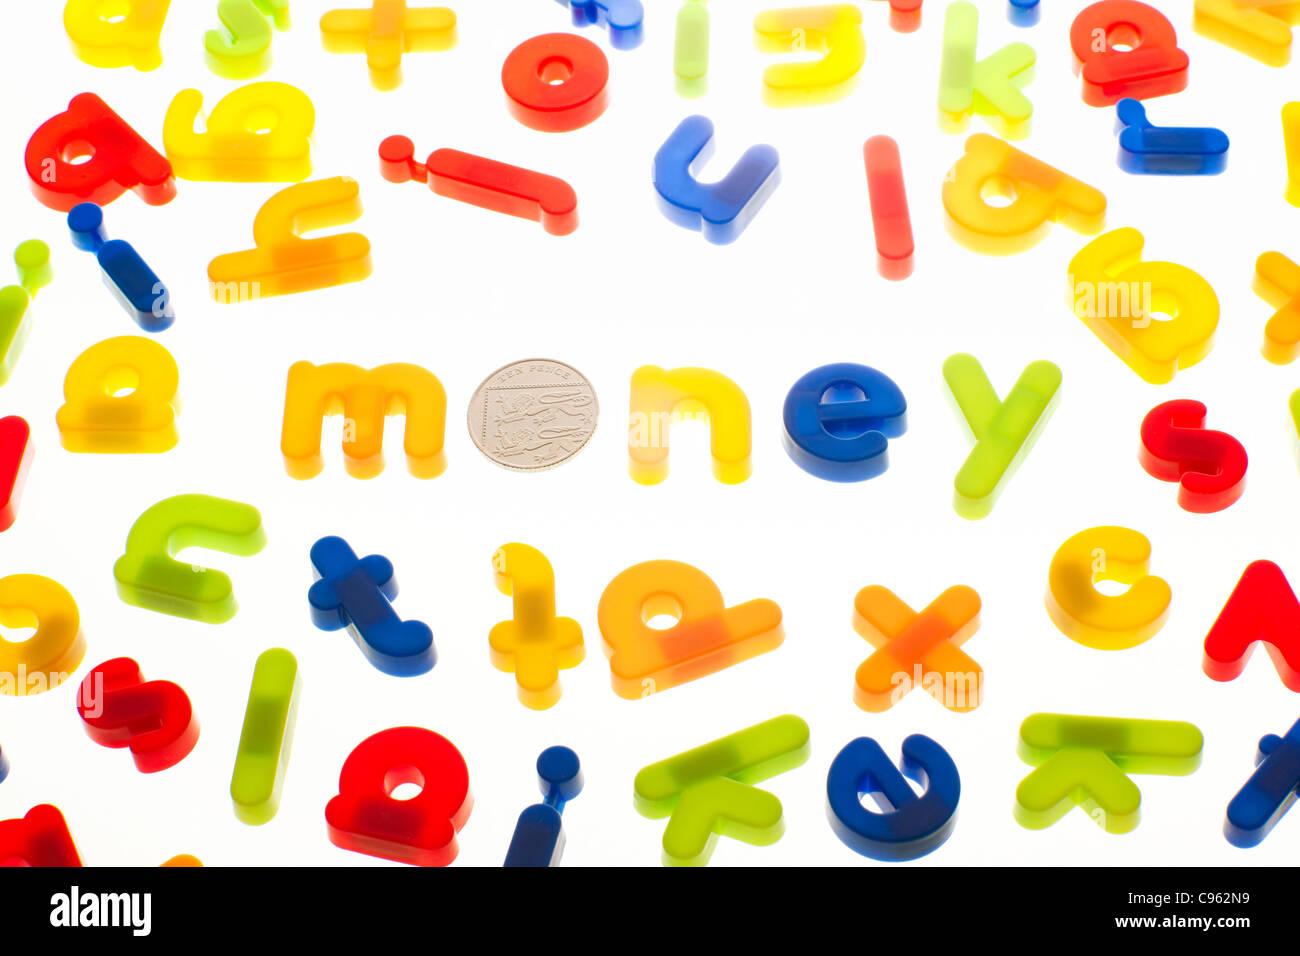 L'argent, de l'image conceptuelle. Photo Stock